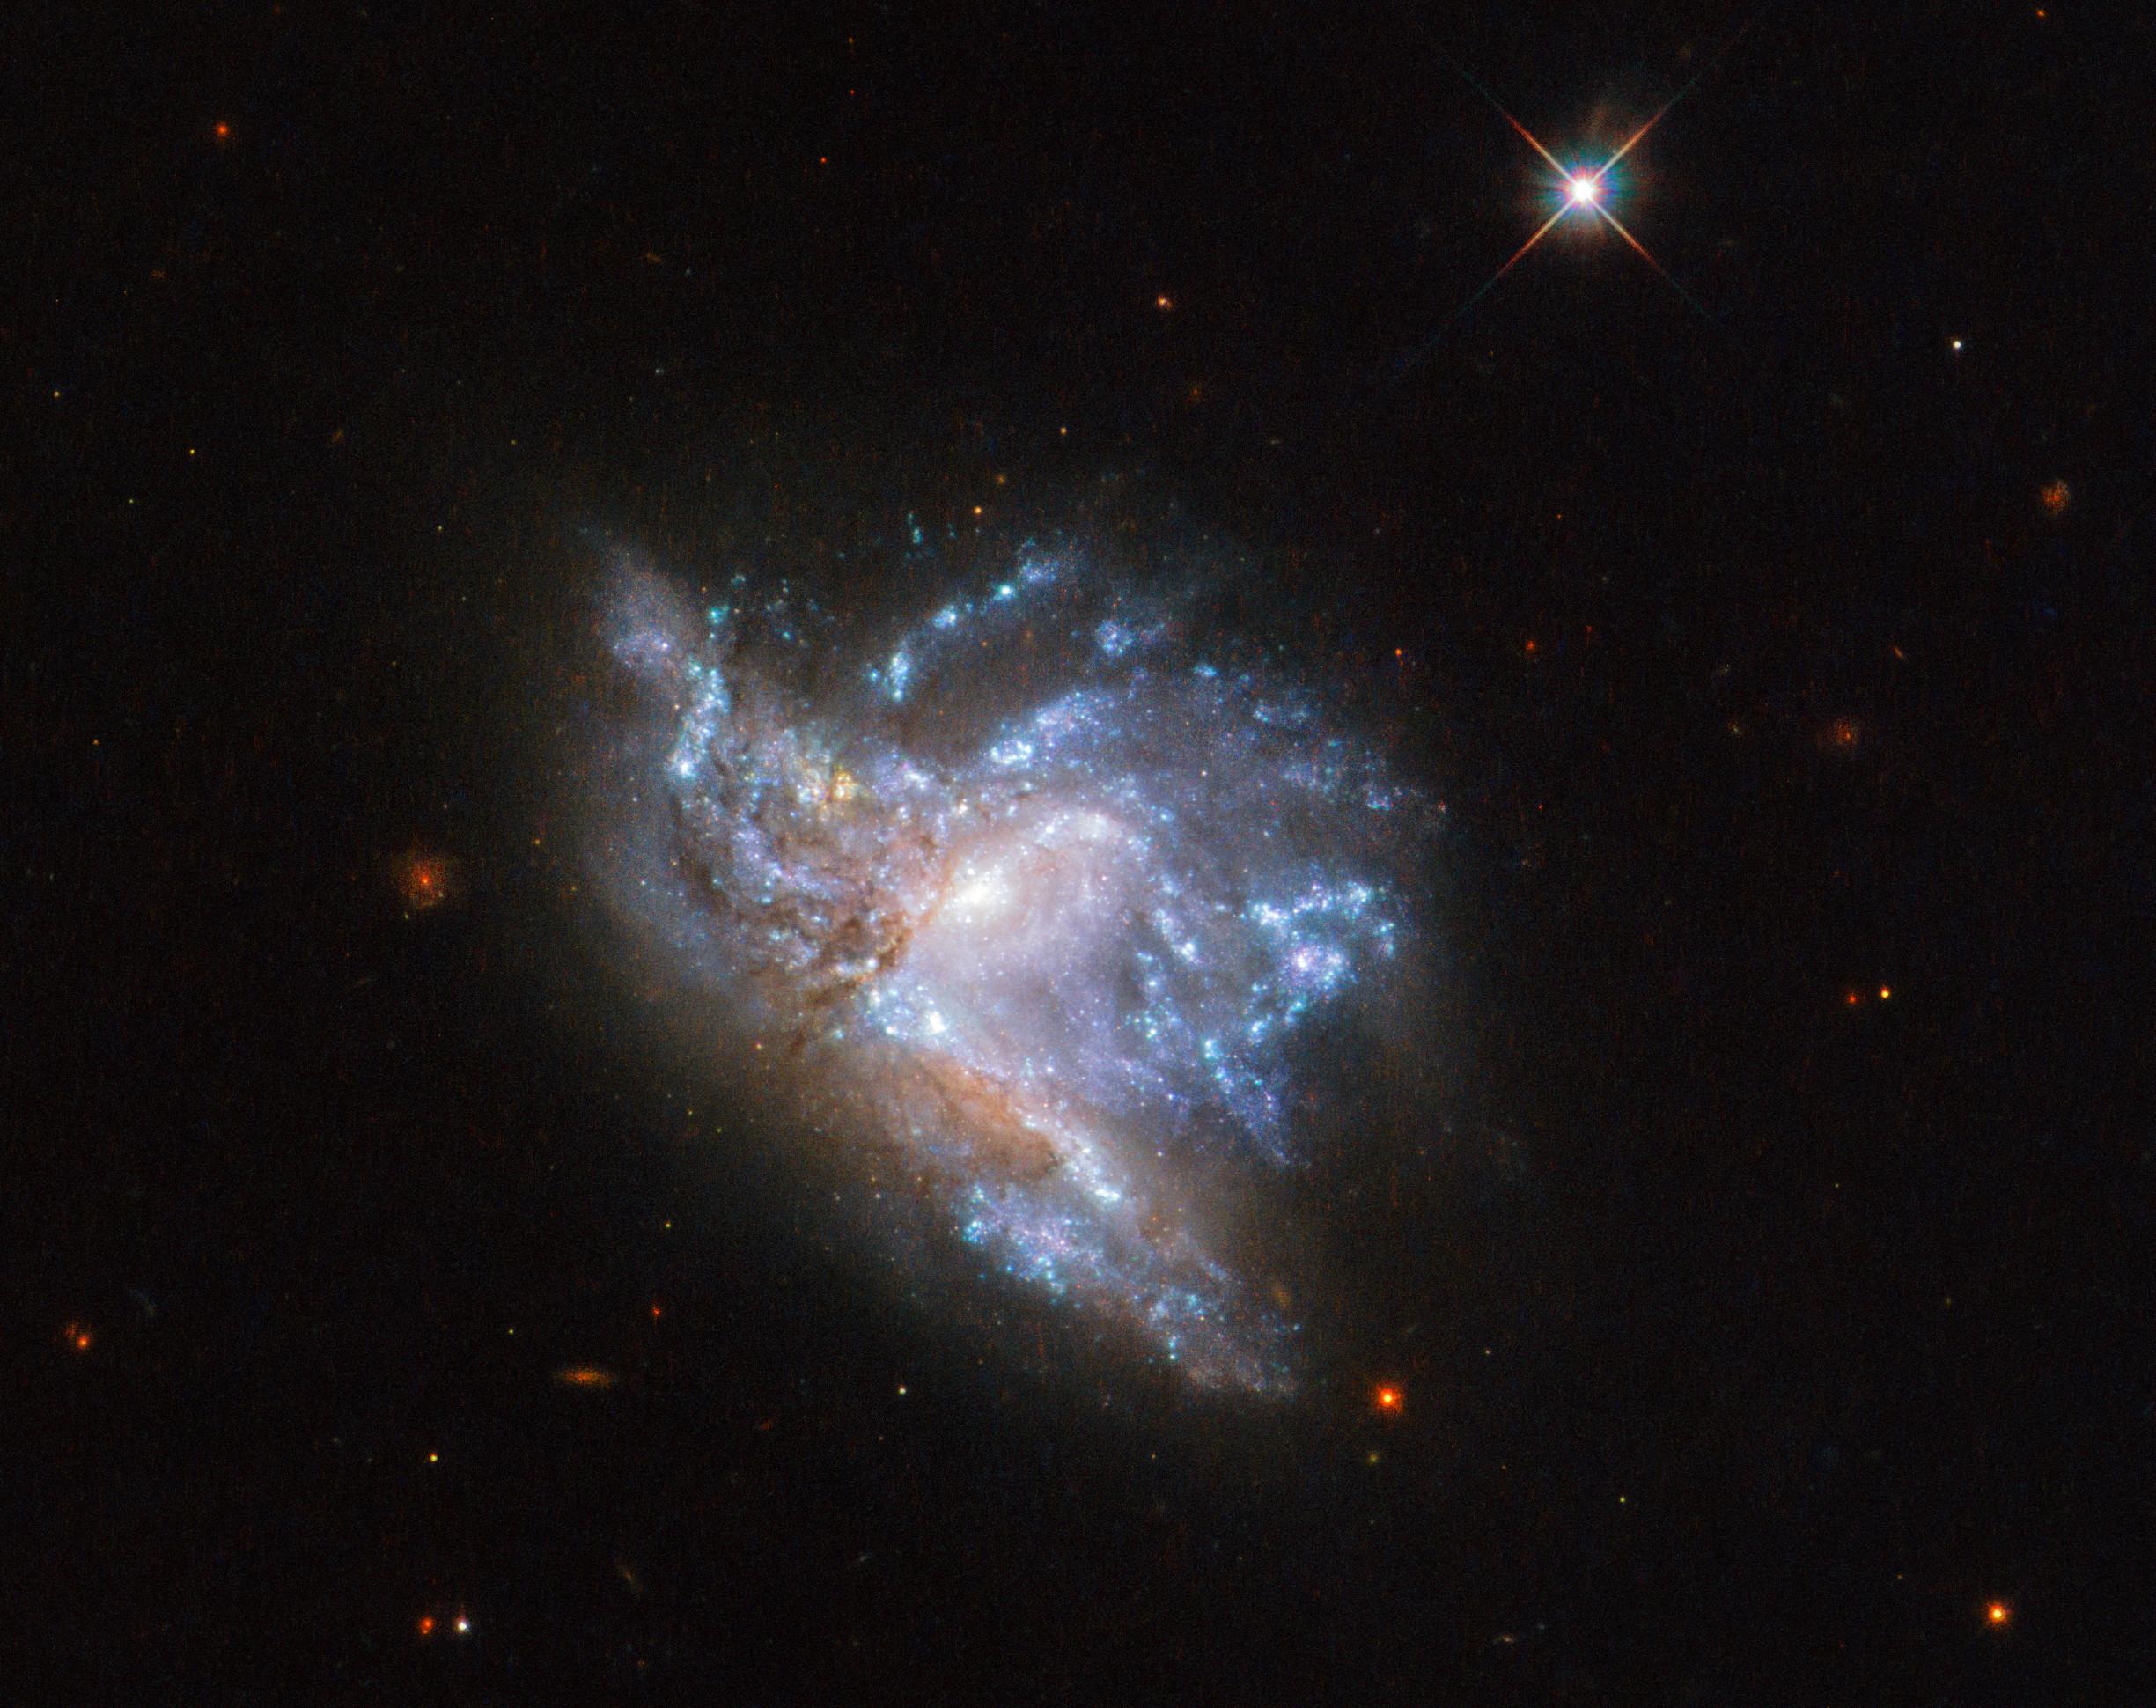 こんには宇宙です。世界は自分の中にも広がっている話